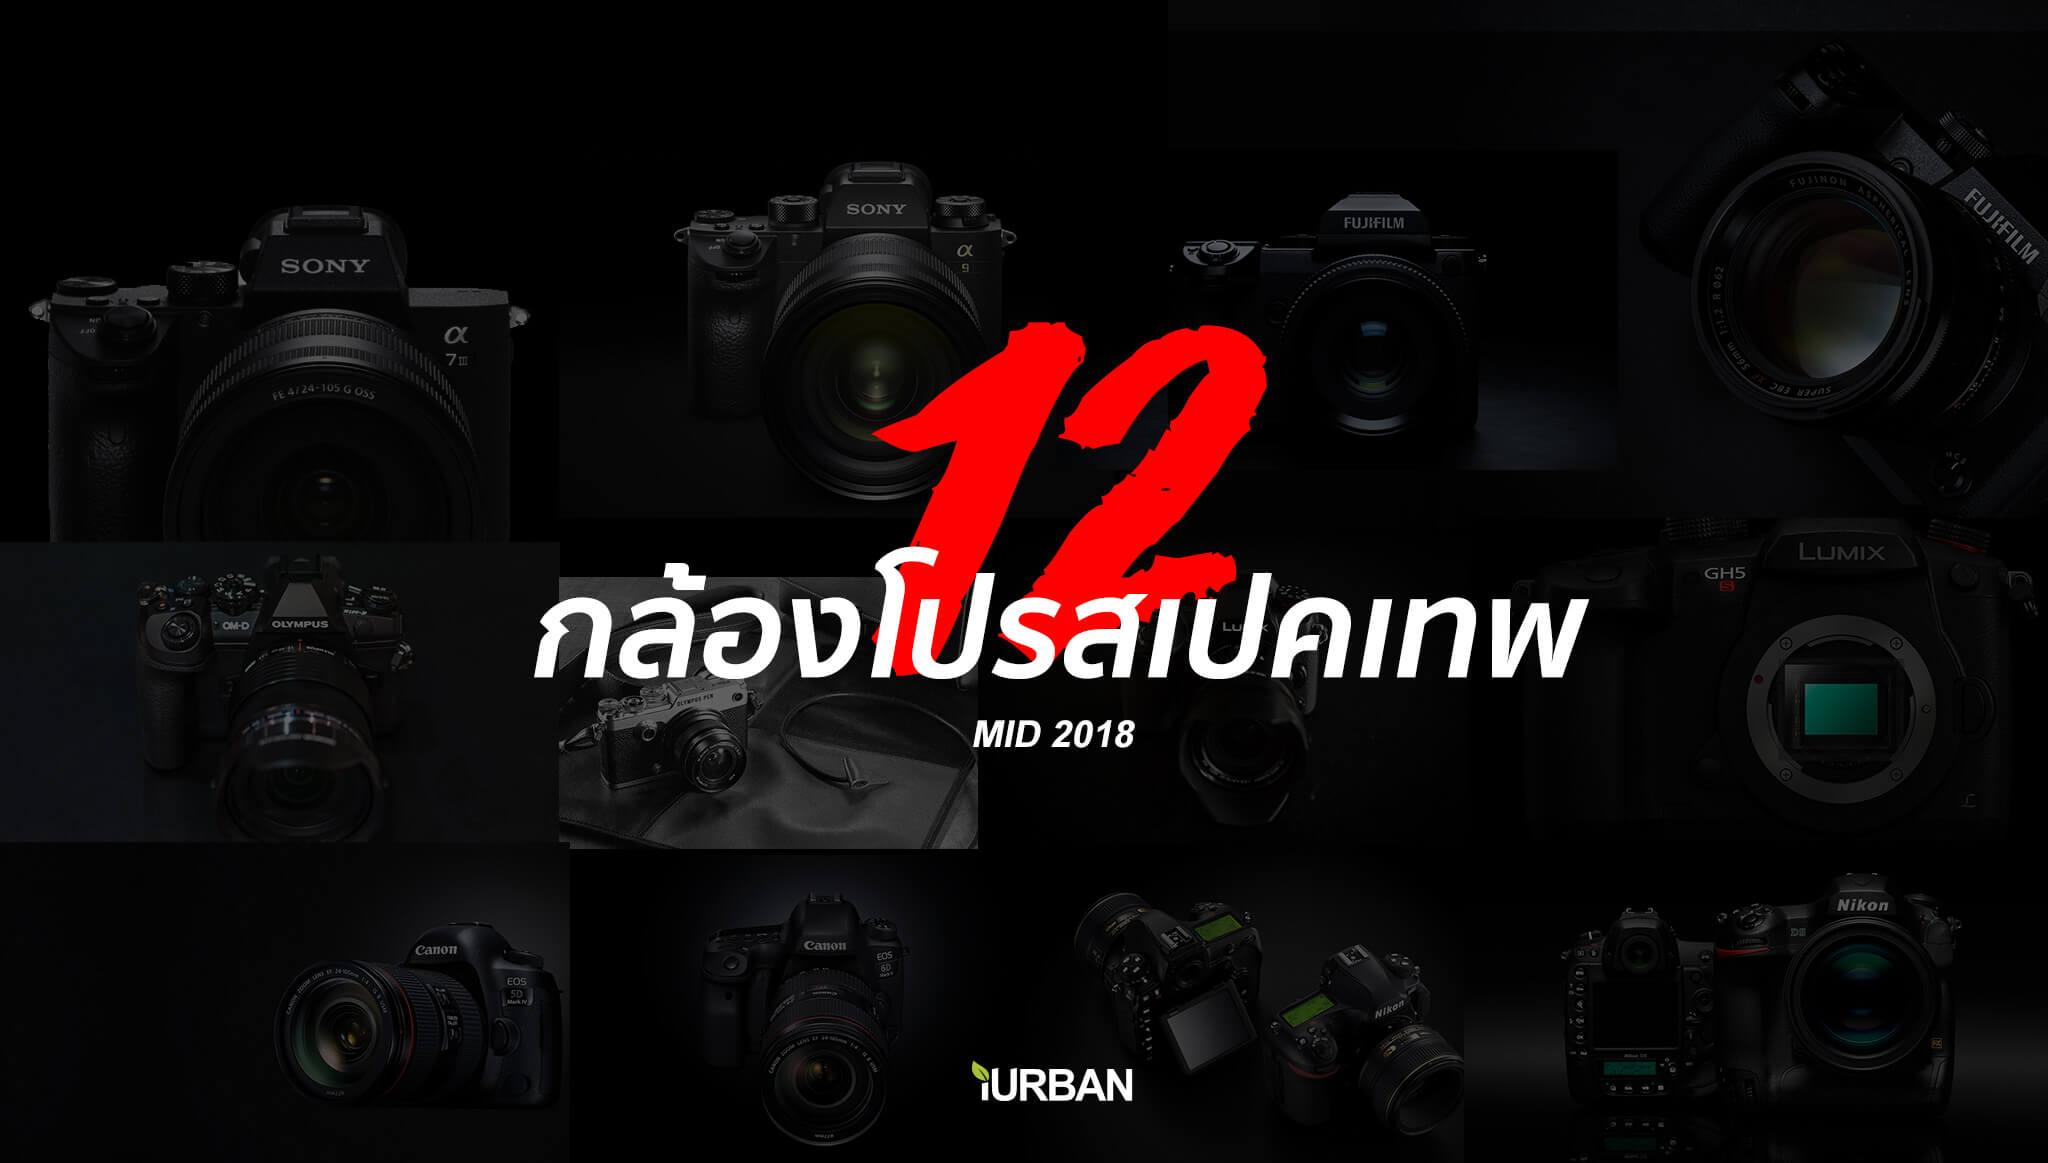 12 กล้องเทพเกรดมือโปรที่วางจำหน่ายแล้ว อัพเดทกลางปี 2018 2 - camera